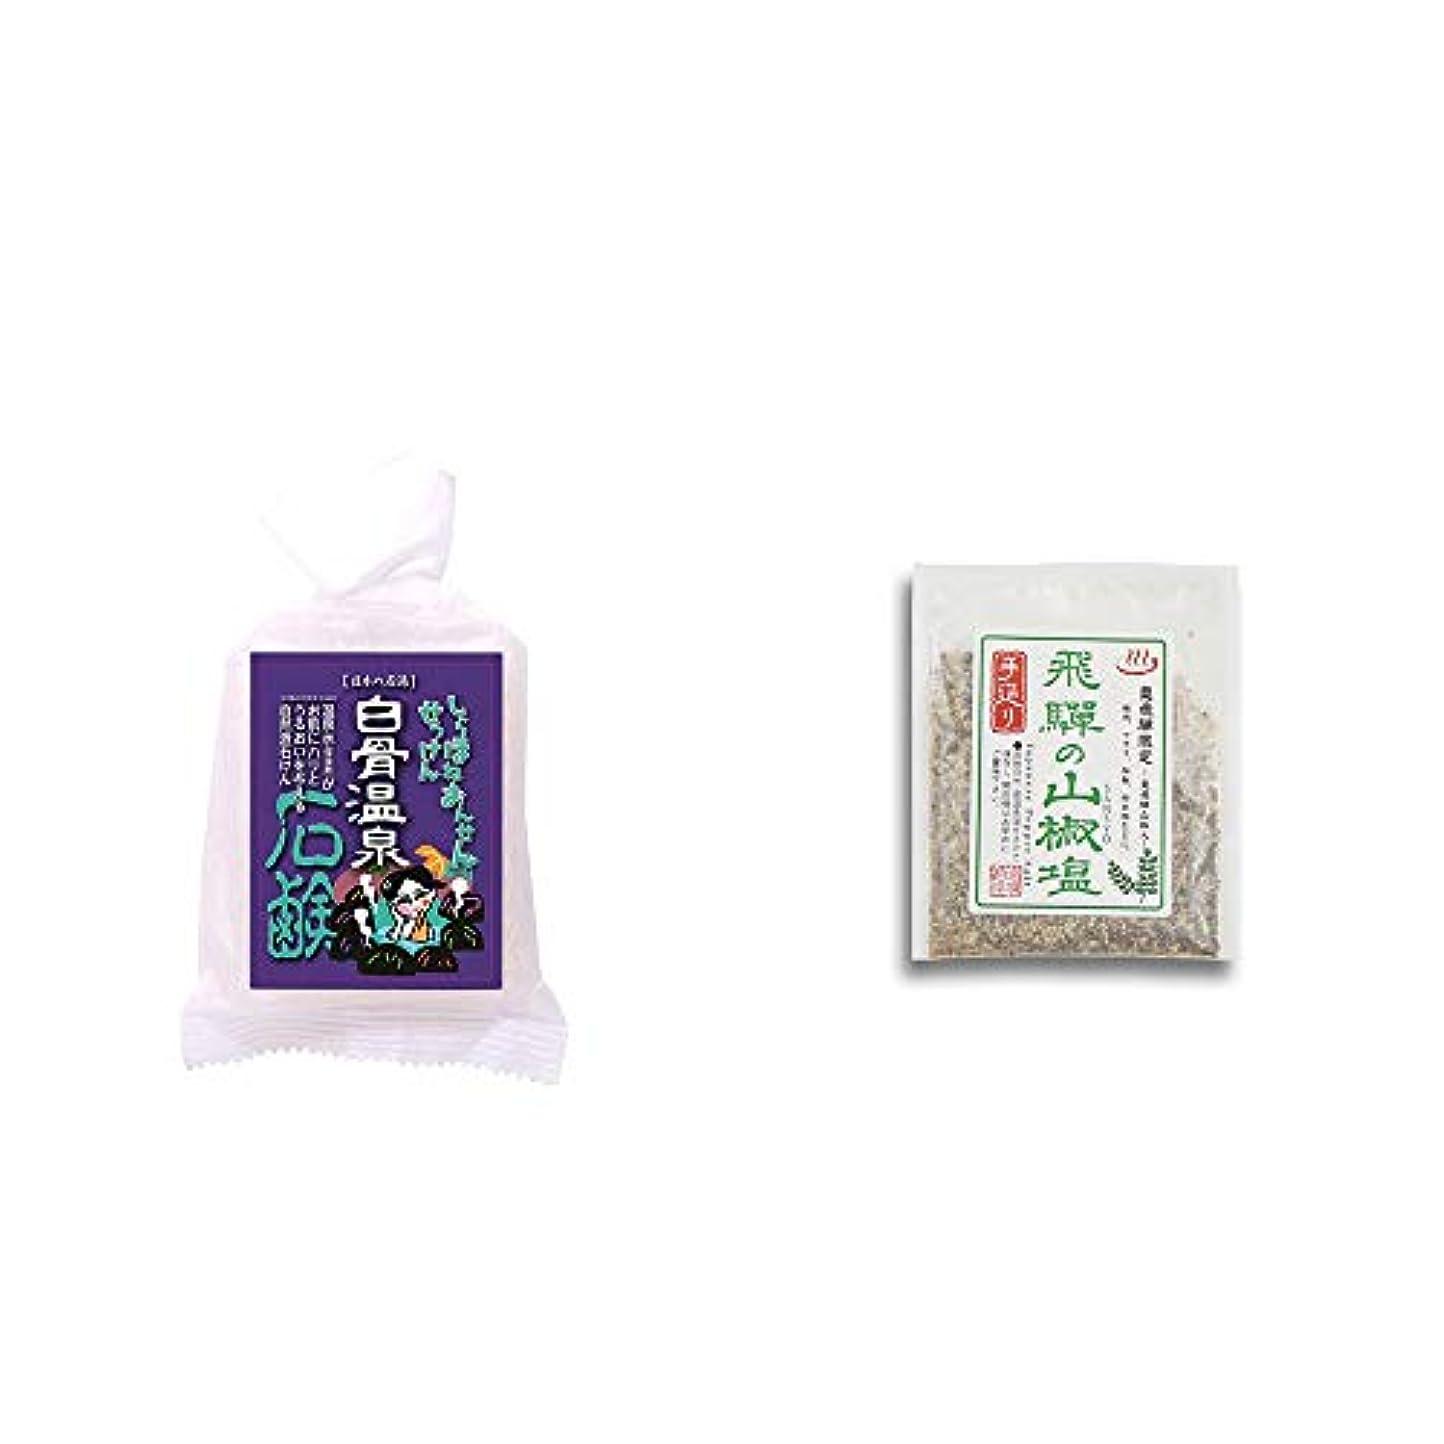 ピック小包ビュッフェ[2点セット] 信州 白骨温泉石鹸(80g)?手造り 飛騨の山椒塩(40g)